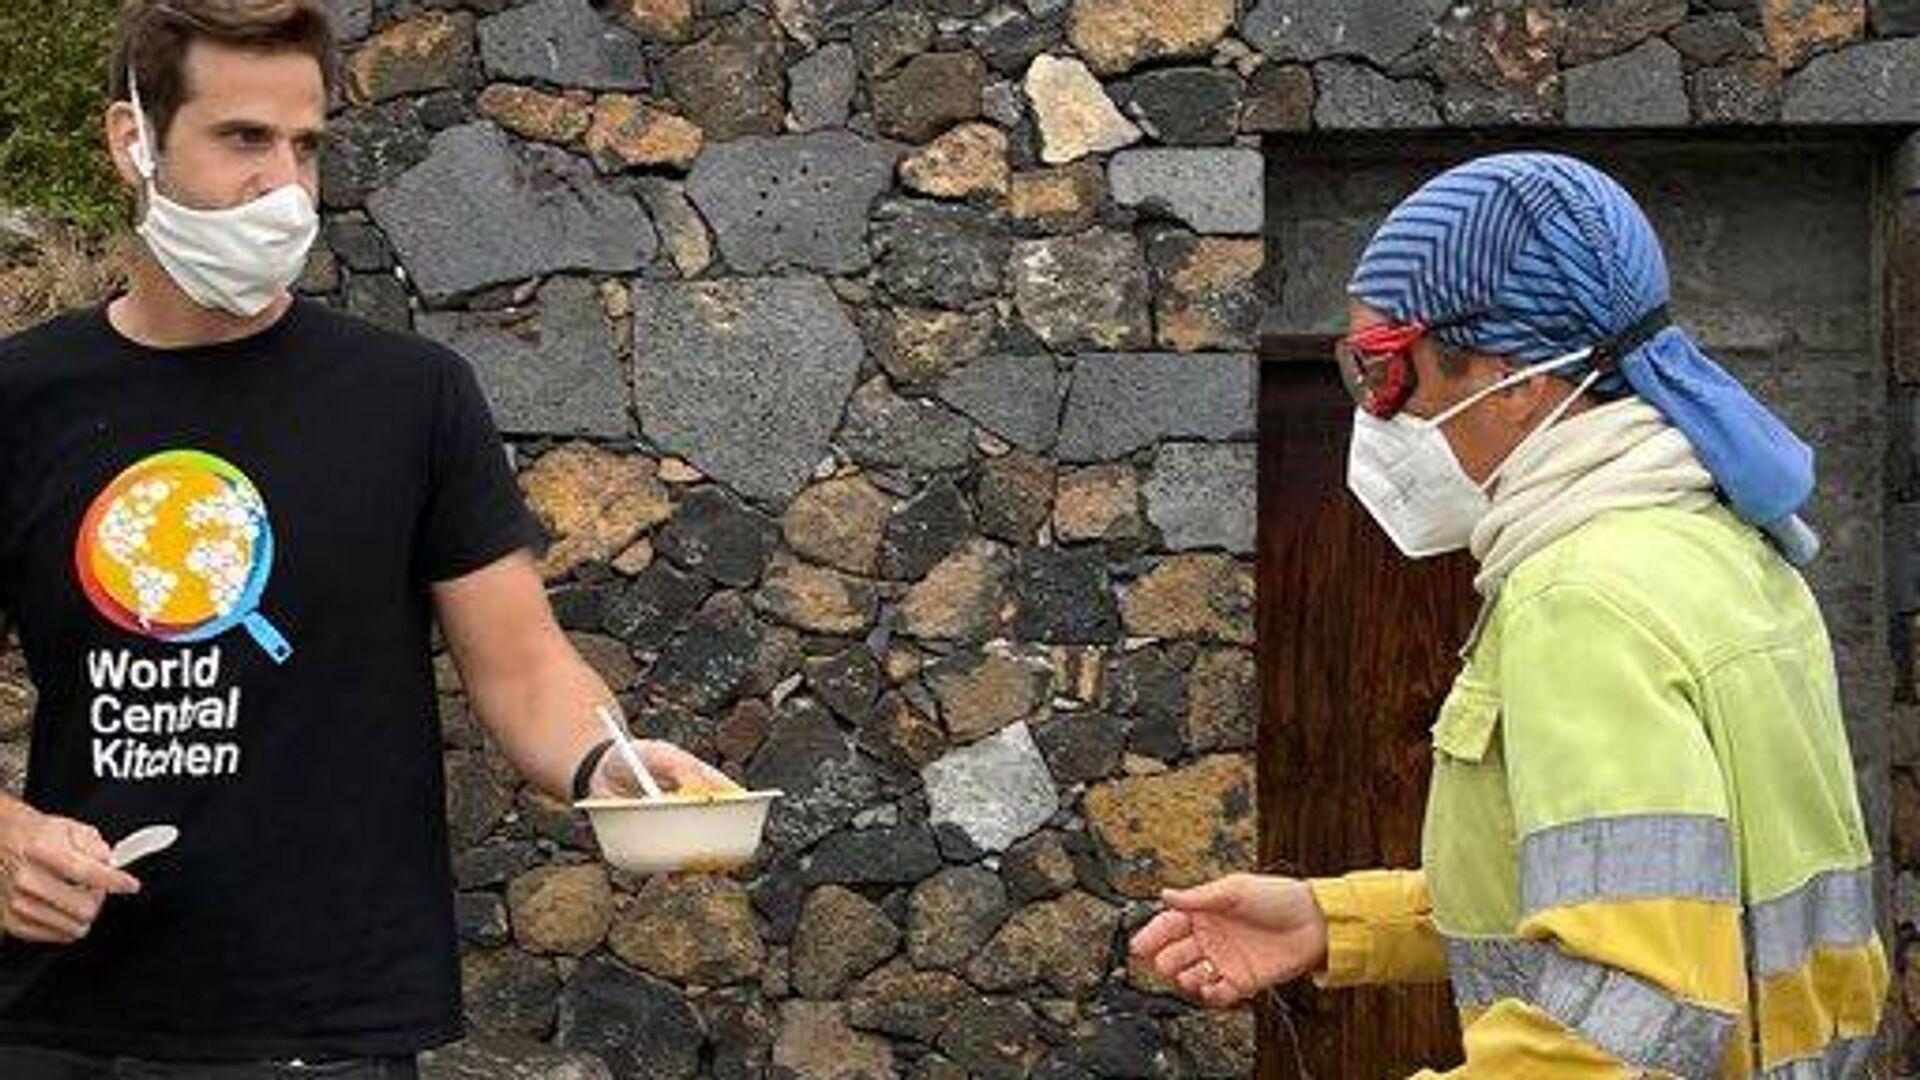 Un voluntario de World Central Kitchen ofreciendo comida a uno de los trabajadores del volcán de La Palma - Sputnik Mundo, 1920, 23.09.2021